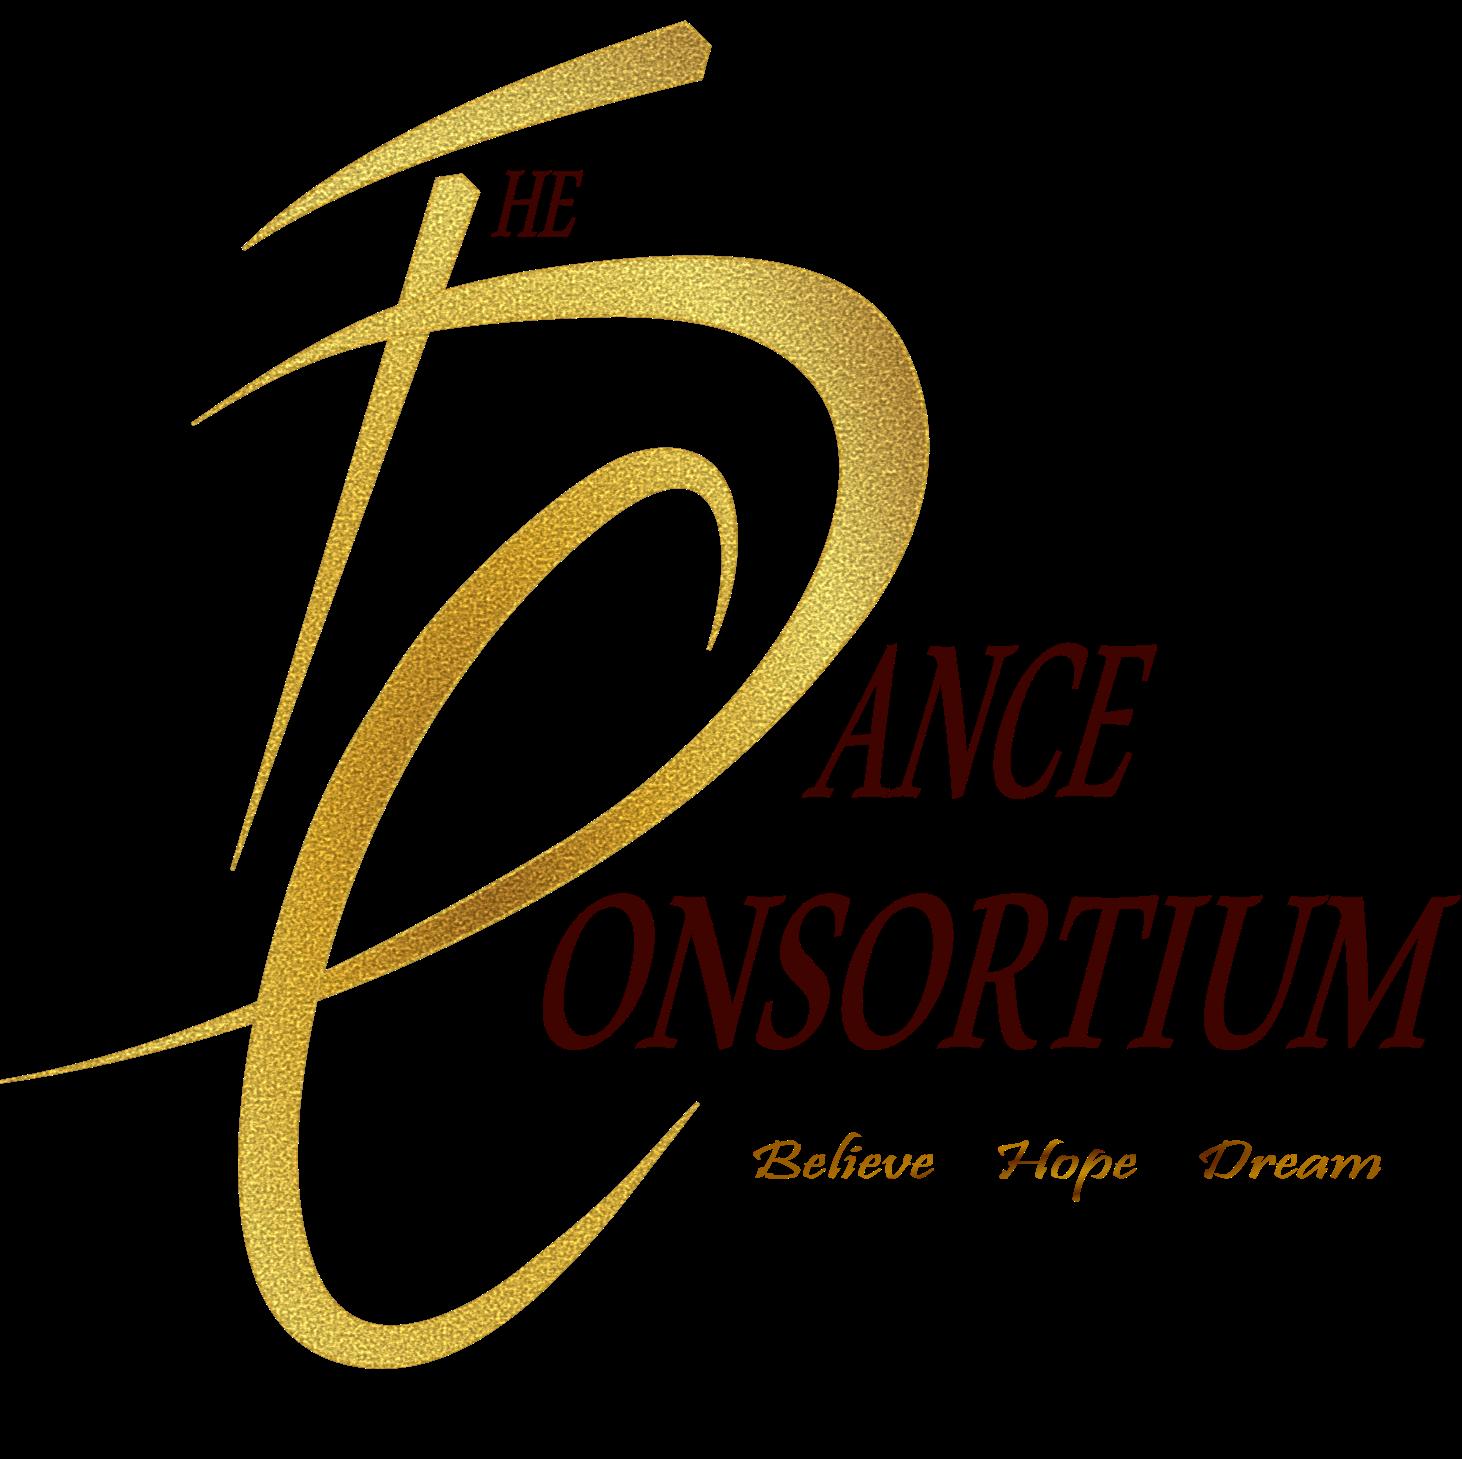 The Dance Consortium